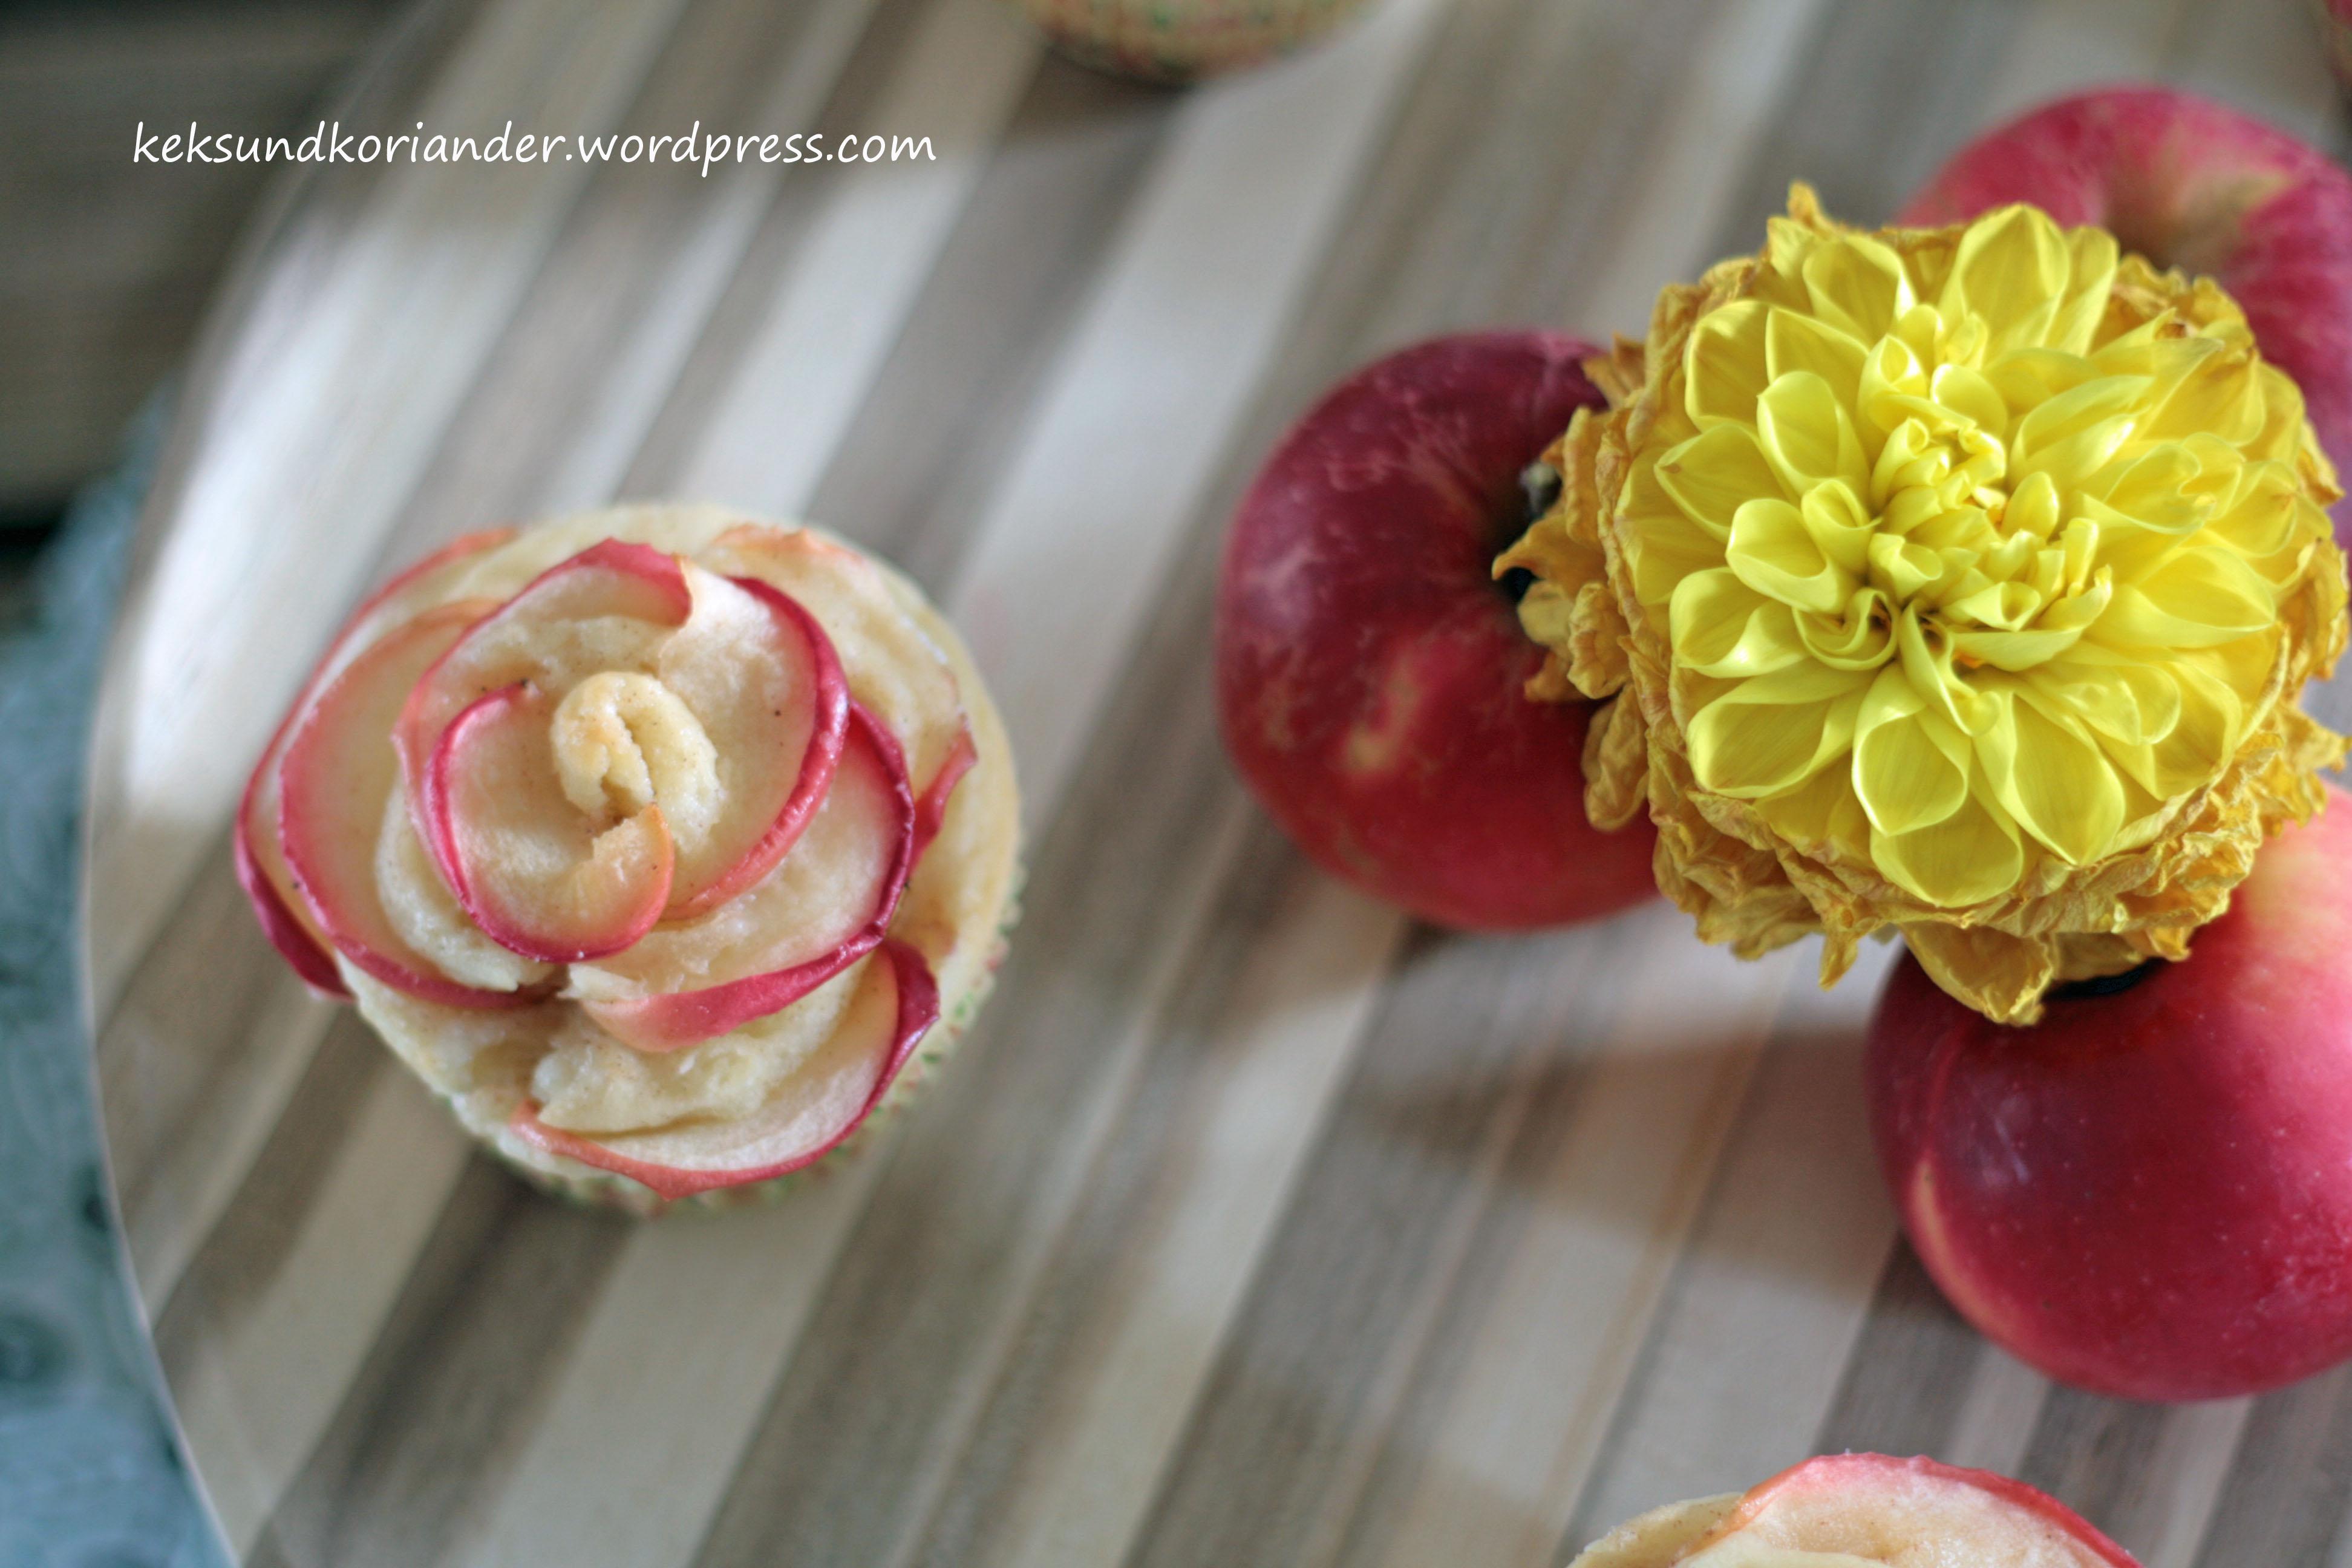 Apfelblumen Muffins Schnecken Joghurt-Öl-Teig Zimt